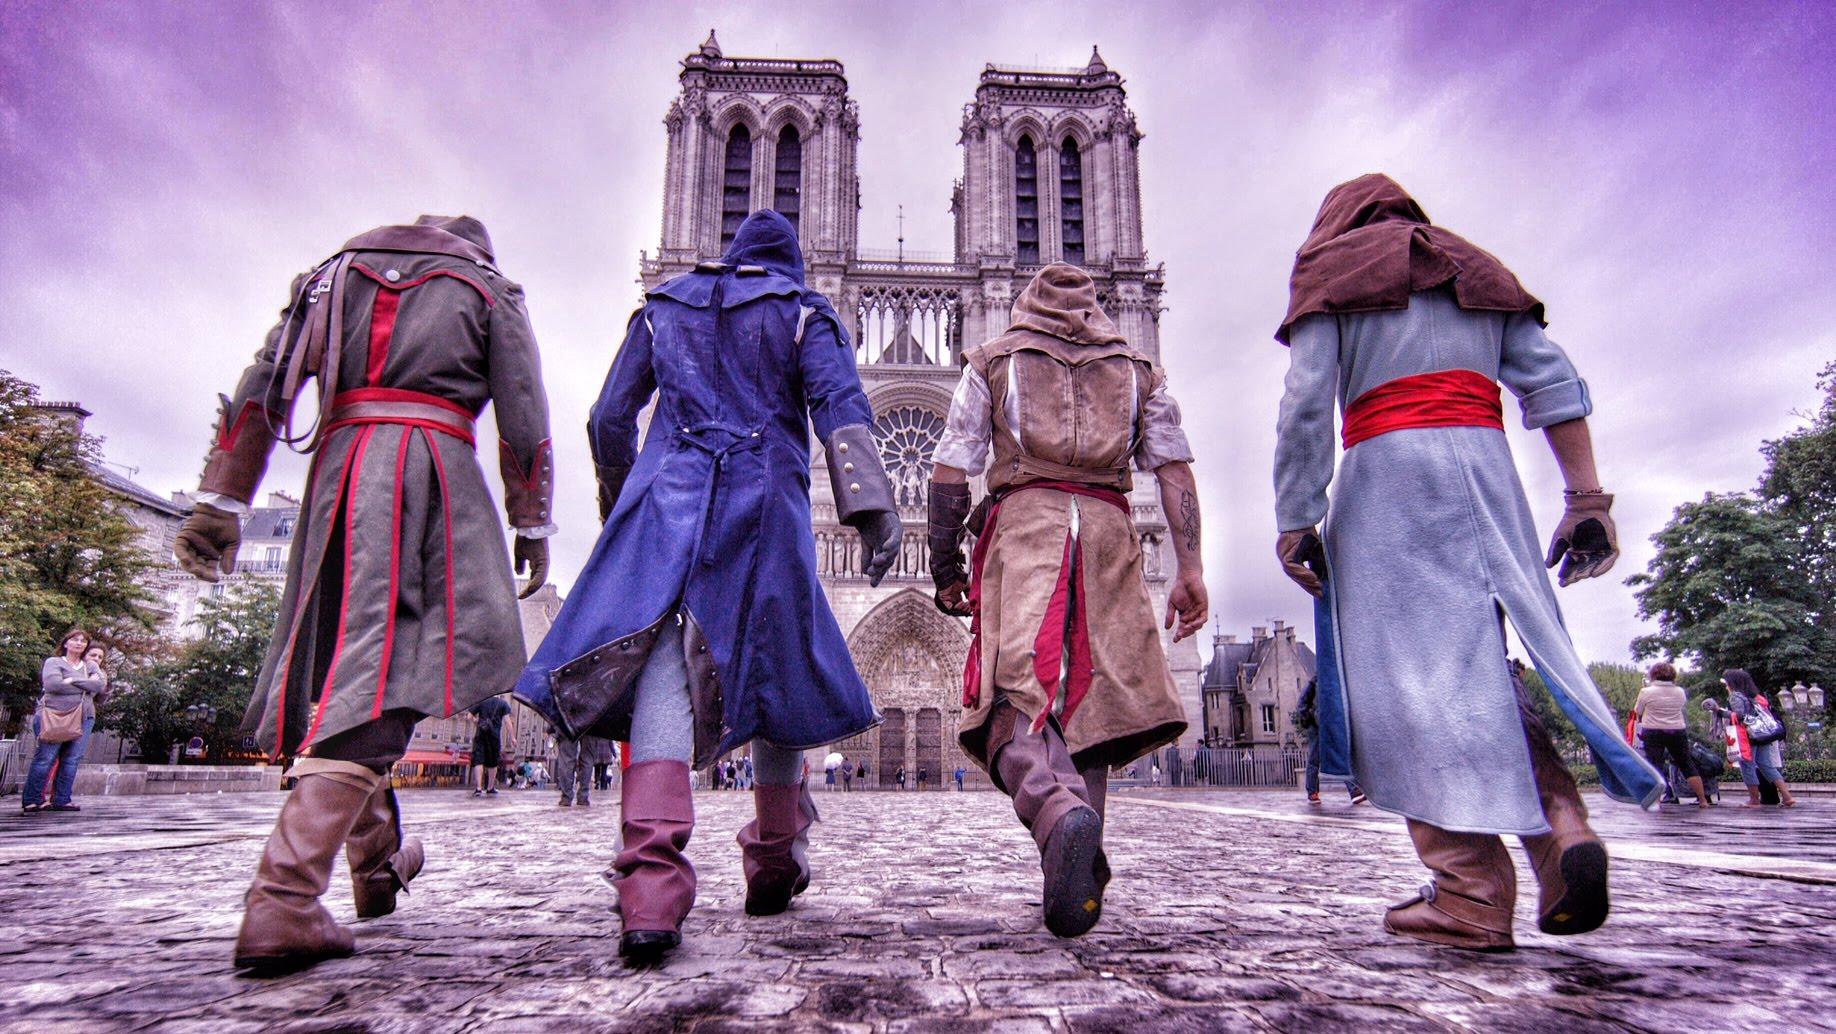 リアルアサシンクリード! パリの街をコスプレしてパルクールで駆け抜ける動画